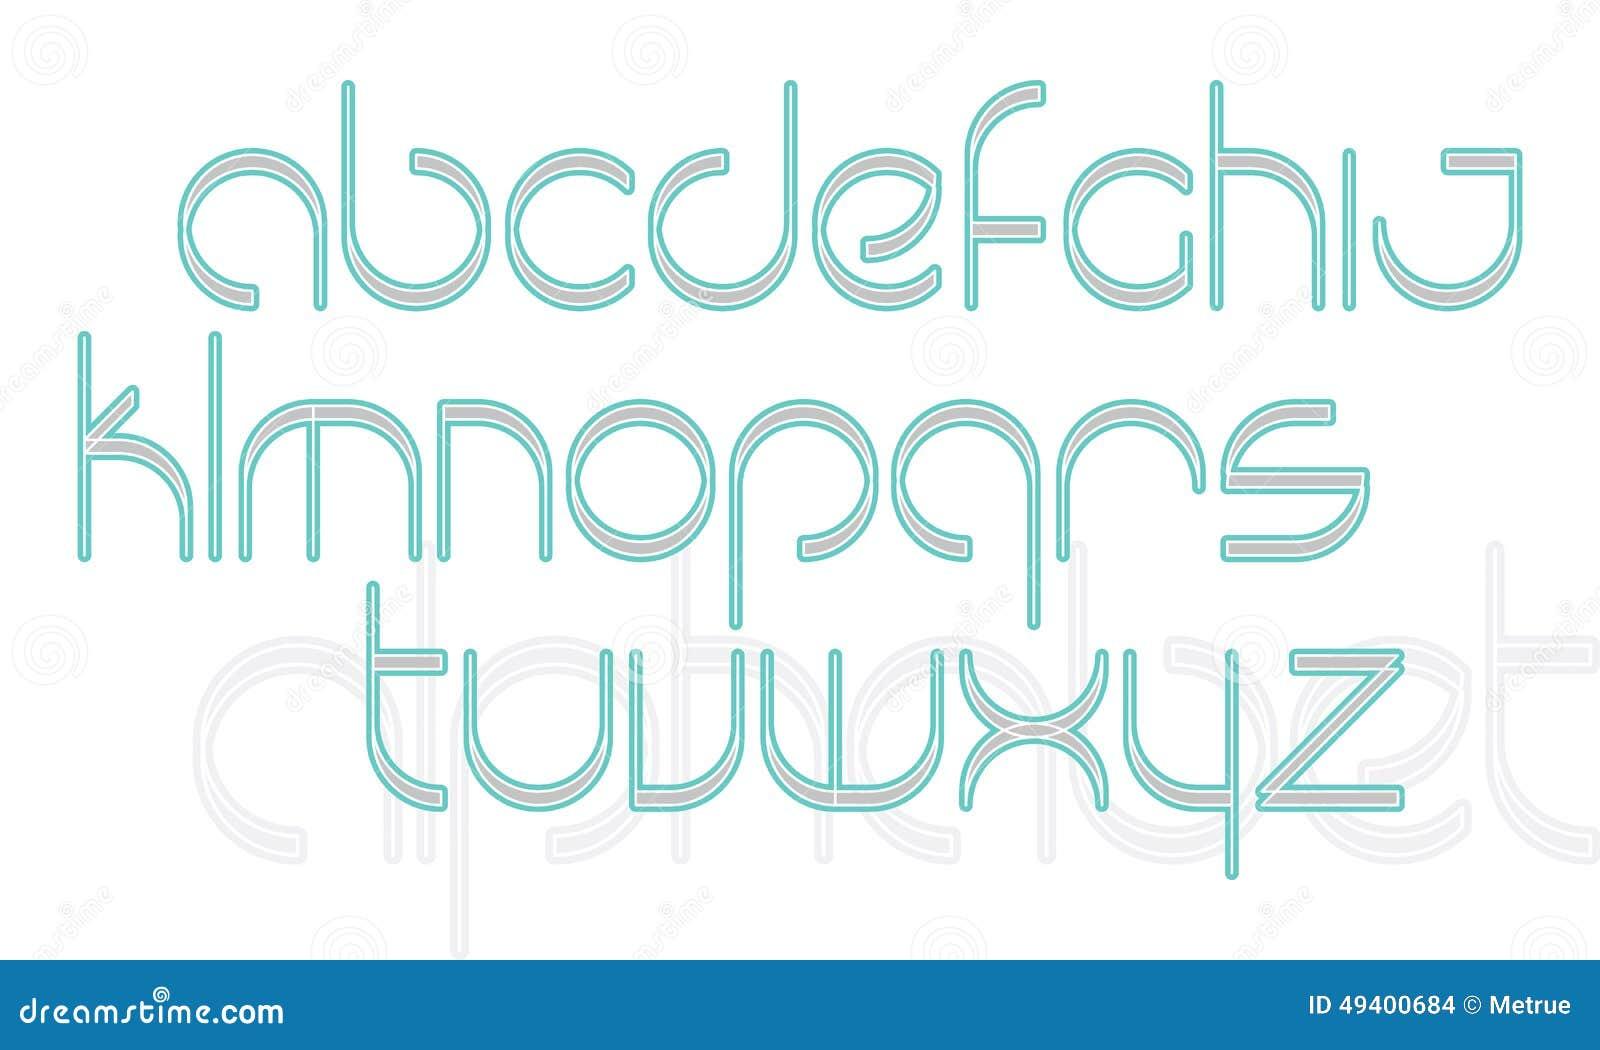 Download Promodus vektor abbildung. Illustration von künstlerisch - 49400684